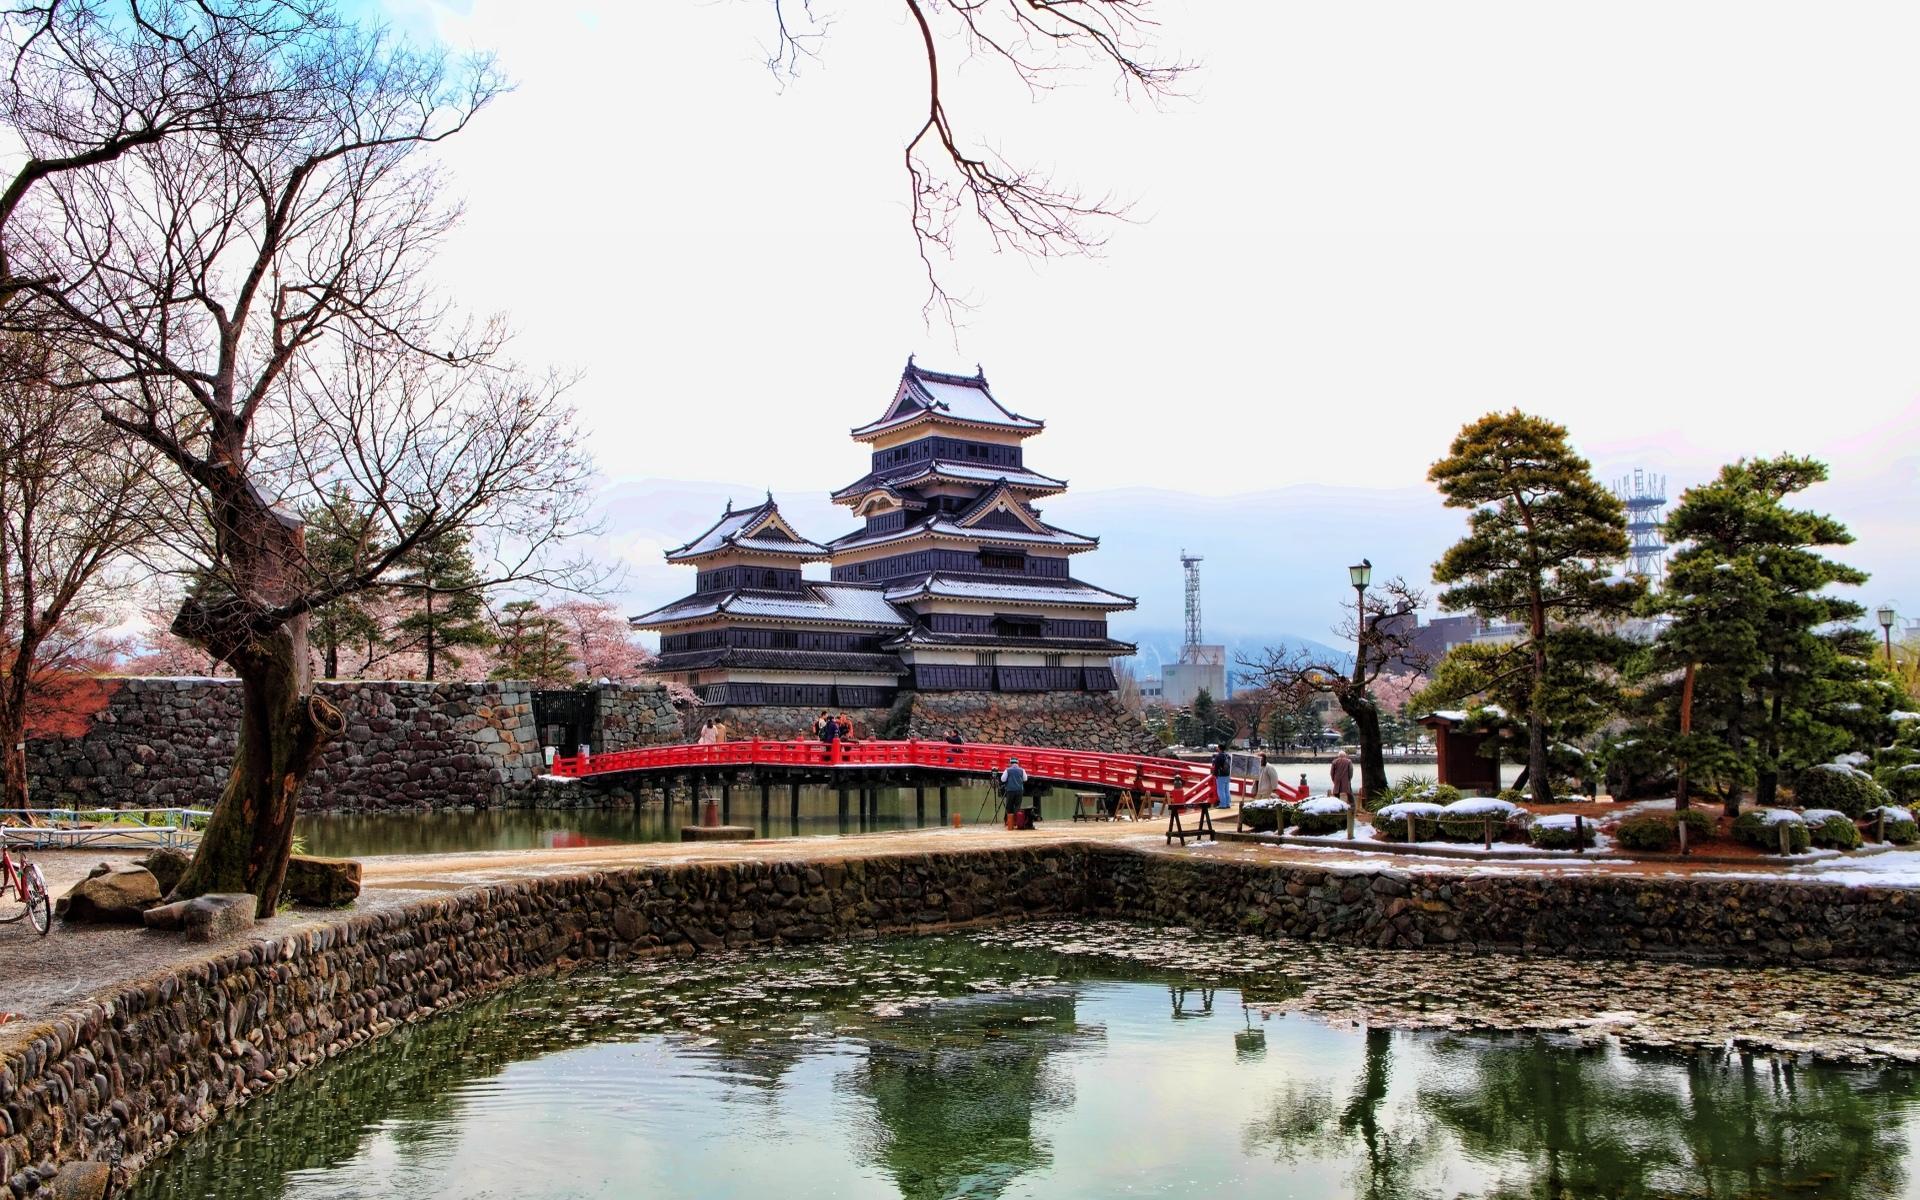 Сторис Алины Загитовой: Замок Ворона - Мацумото. Национальное достояние Японии. Рубрика «С Алиной вместе и навсегда»